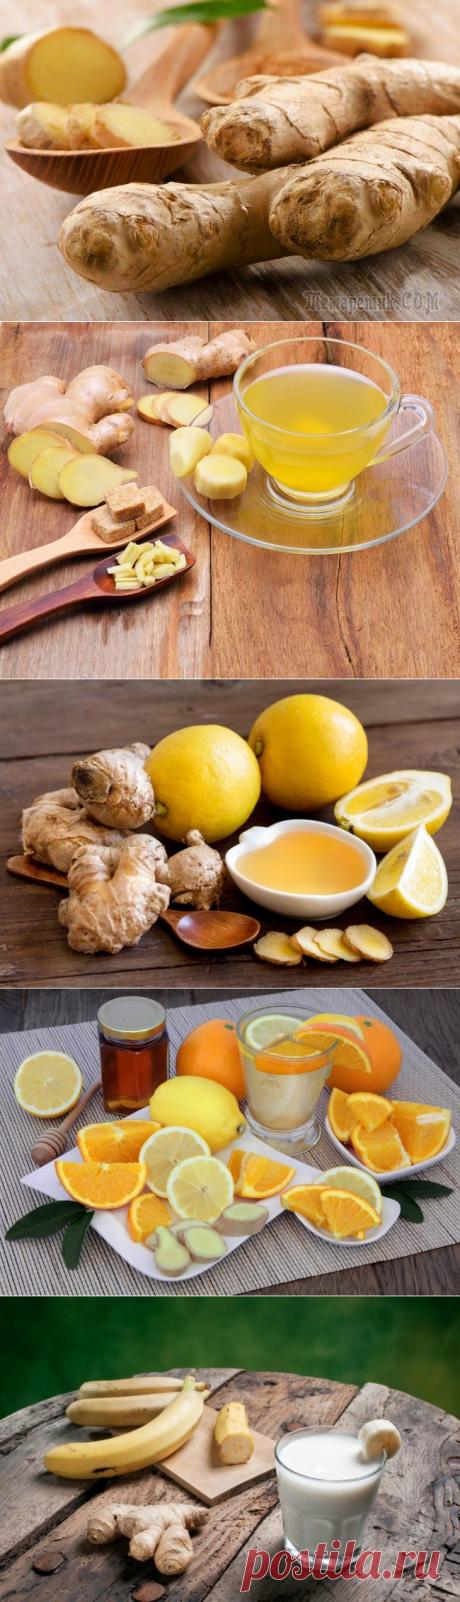 Имбирь для похудения — Рецепты. Самый действующий способ